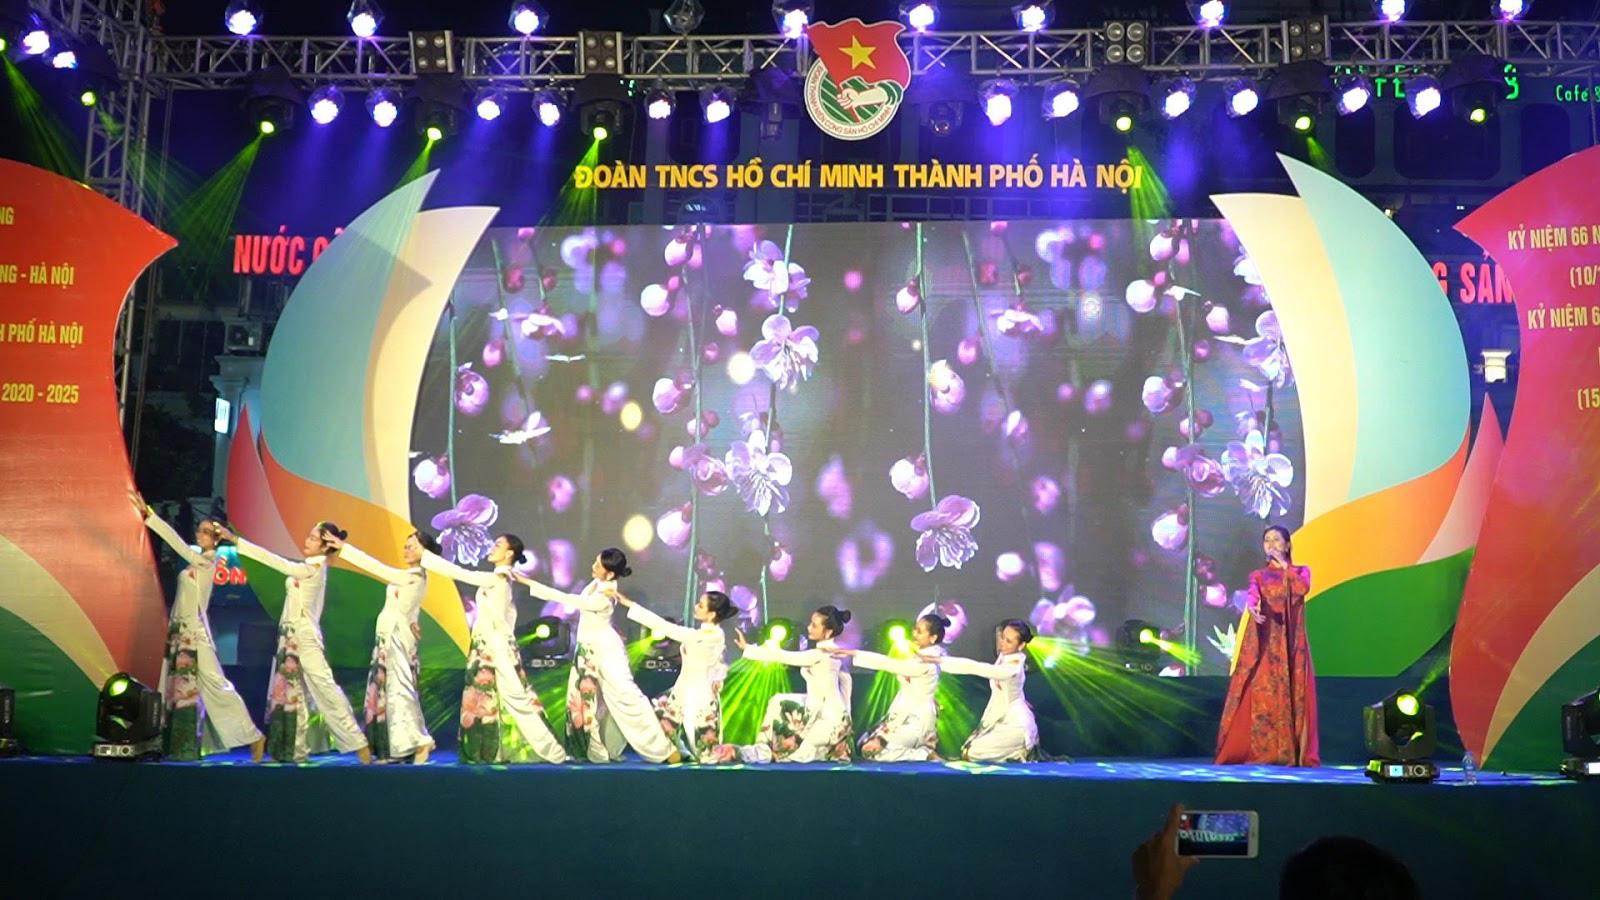 Chương trình nghệ thuật Tự hào Việt Nam năm 2020 gây ấn tượng với khán giả thủ đô - Ảnh 1.